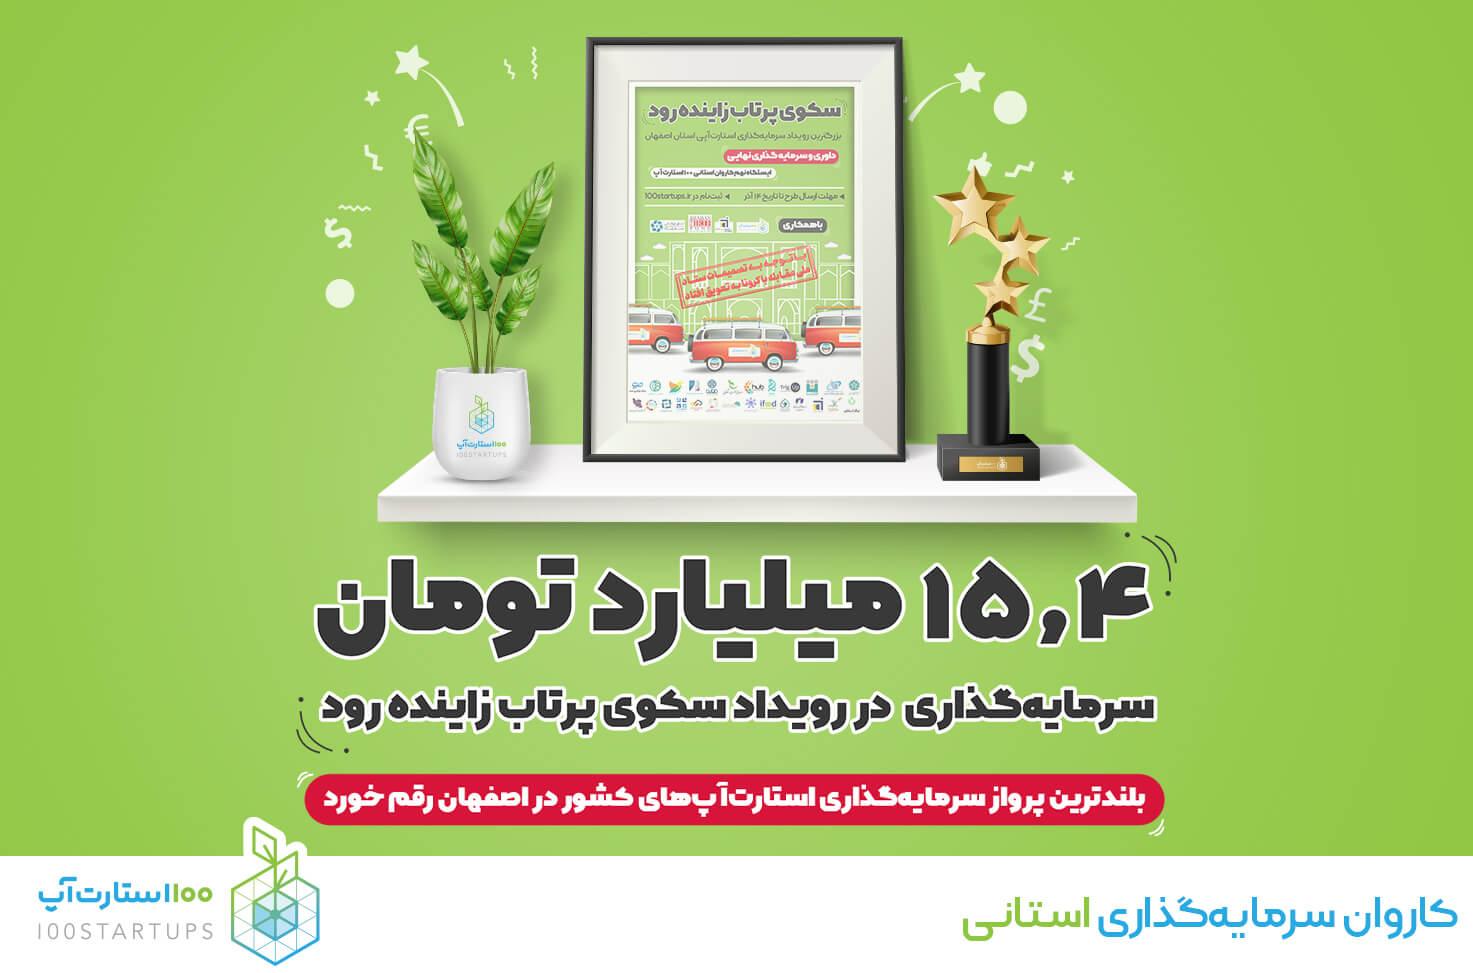 بلندترین پرواز سرمایه گذاری استارتاپهای کشور در اصفهان رقم خورد